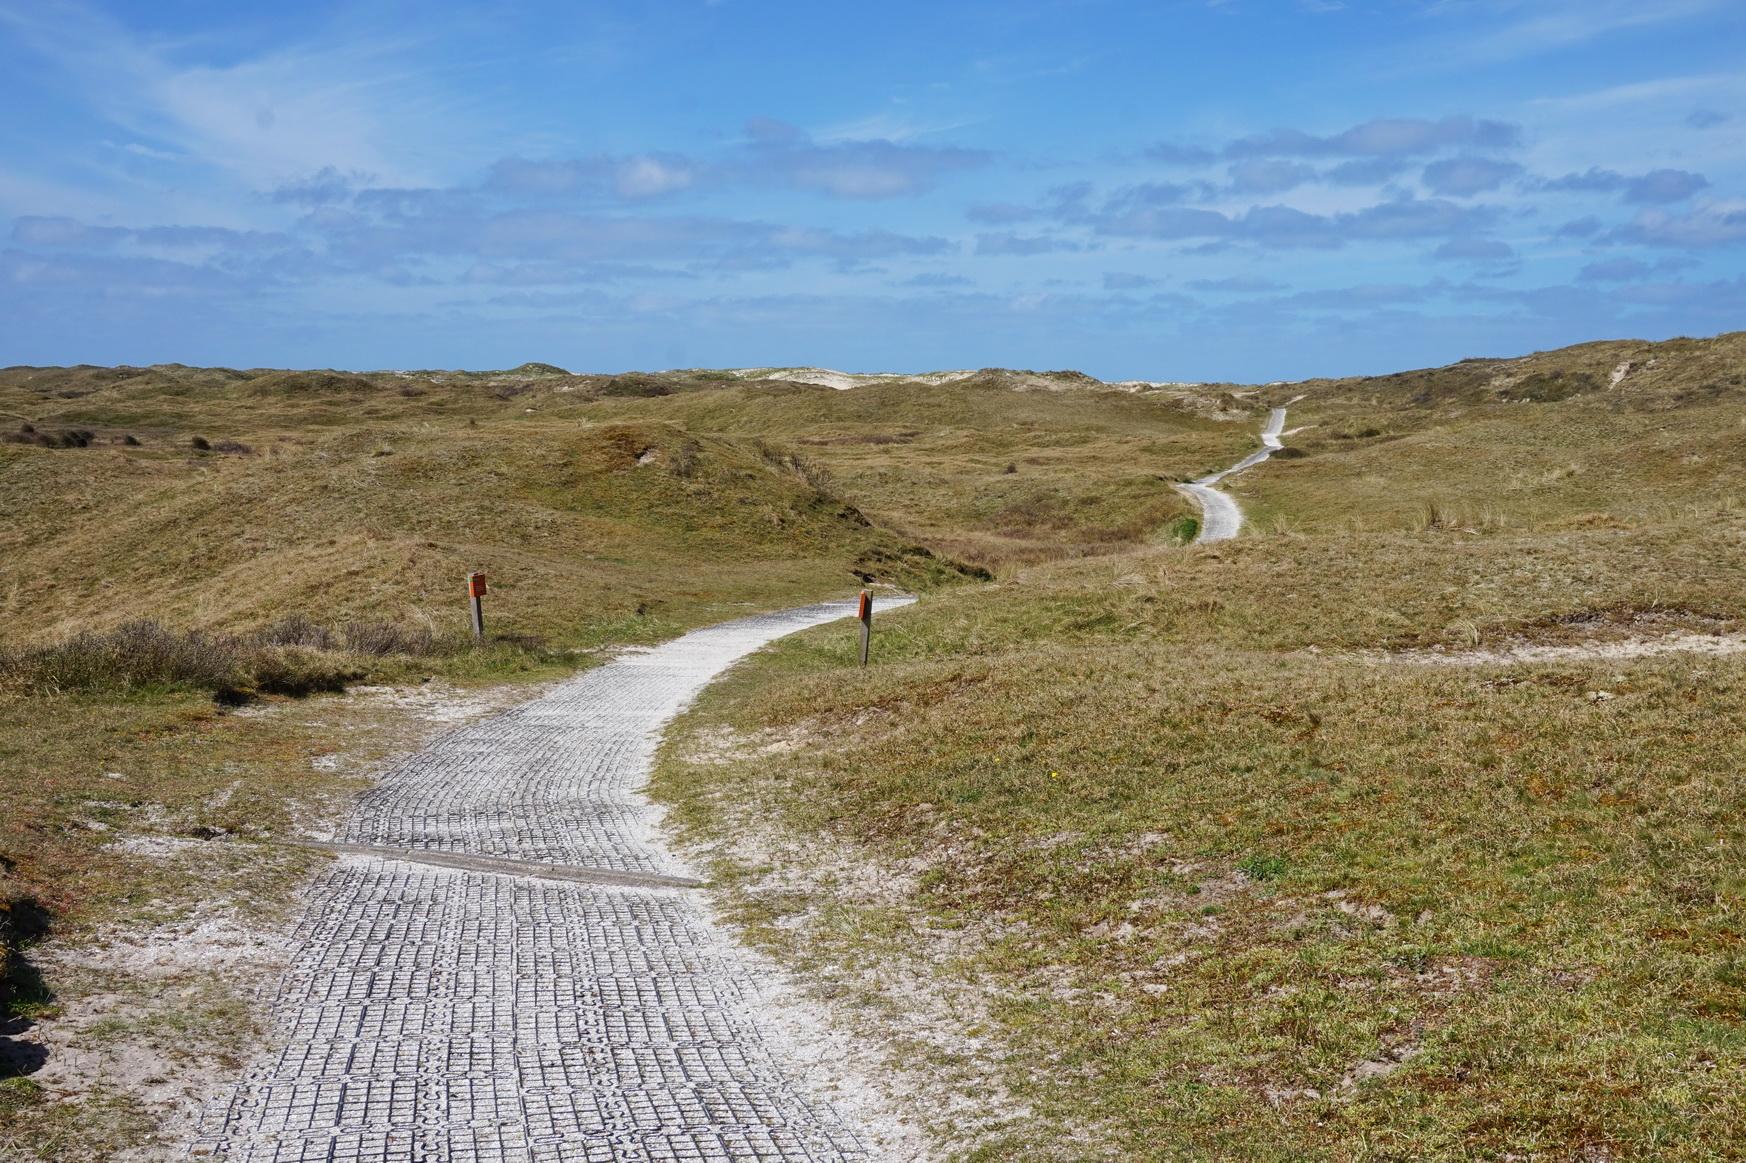 Texel - Strandspaziergang am Leuchtturm 10